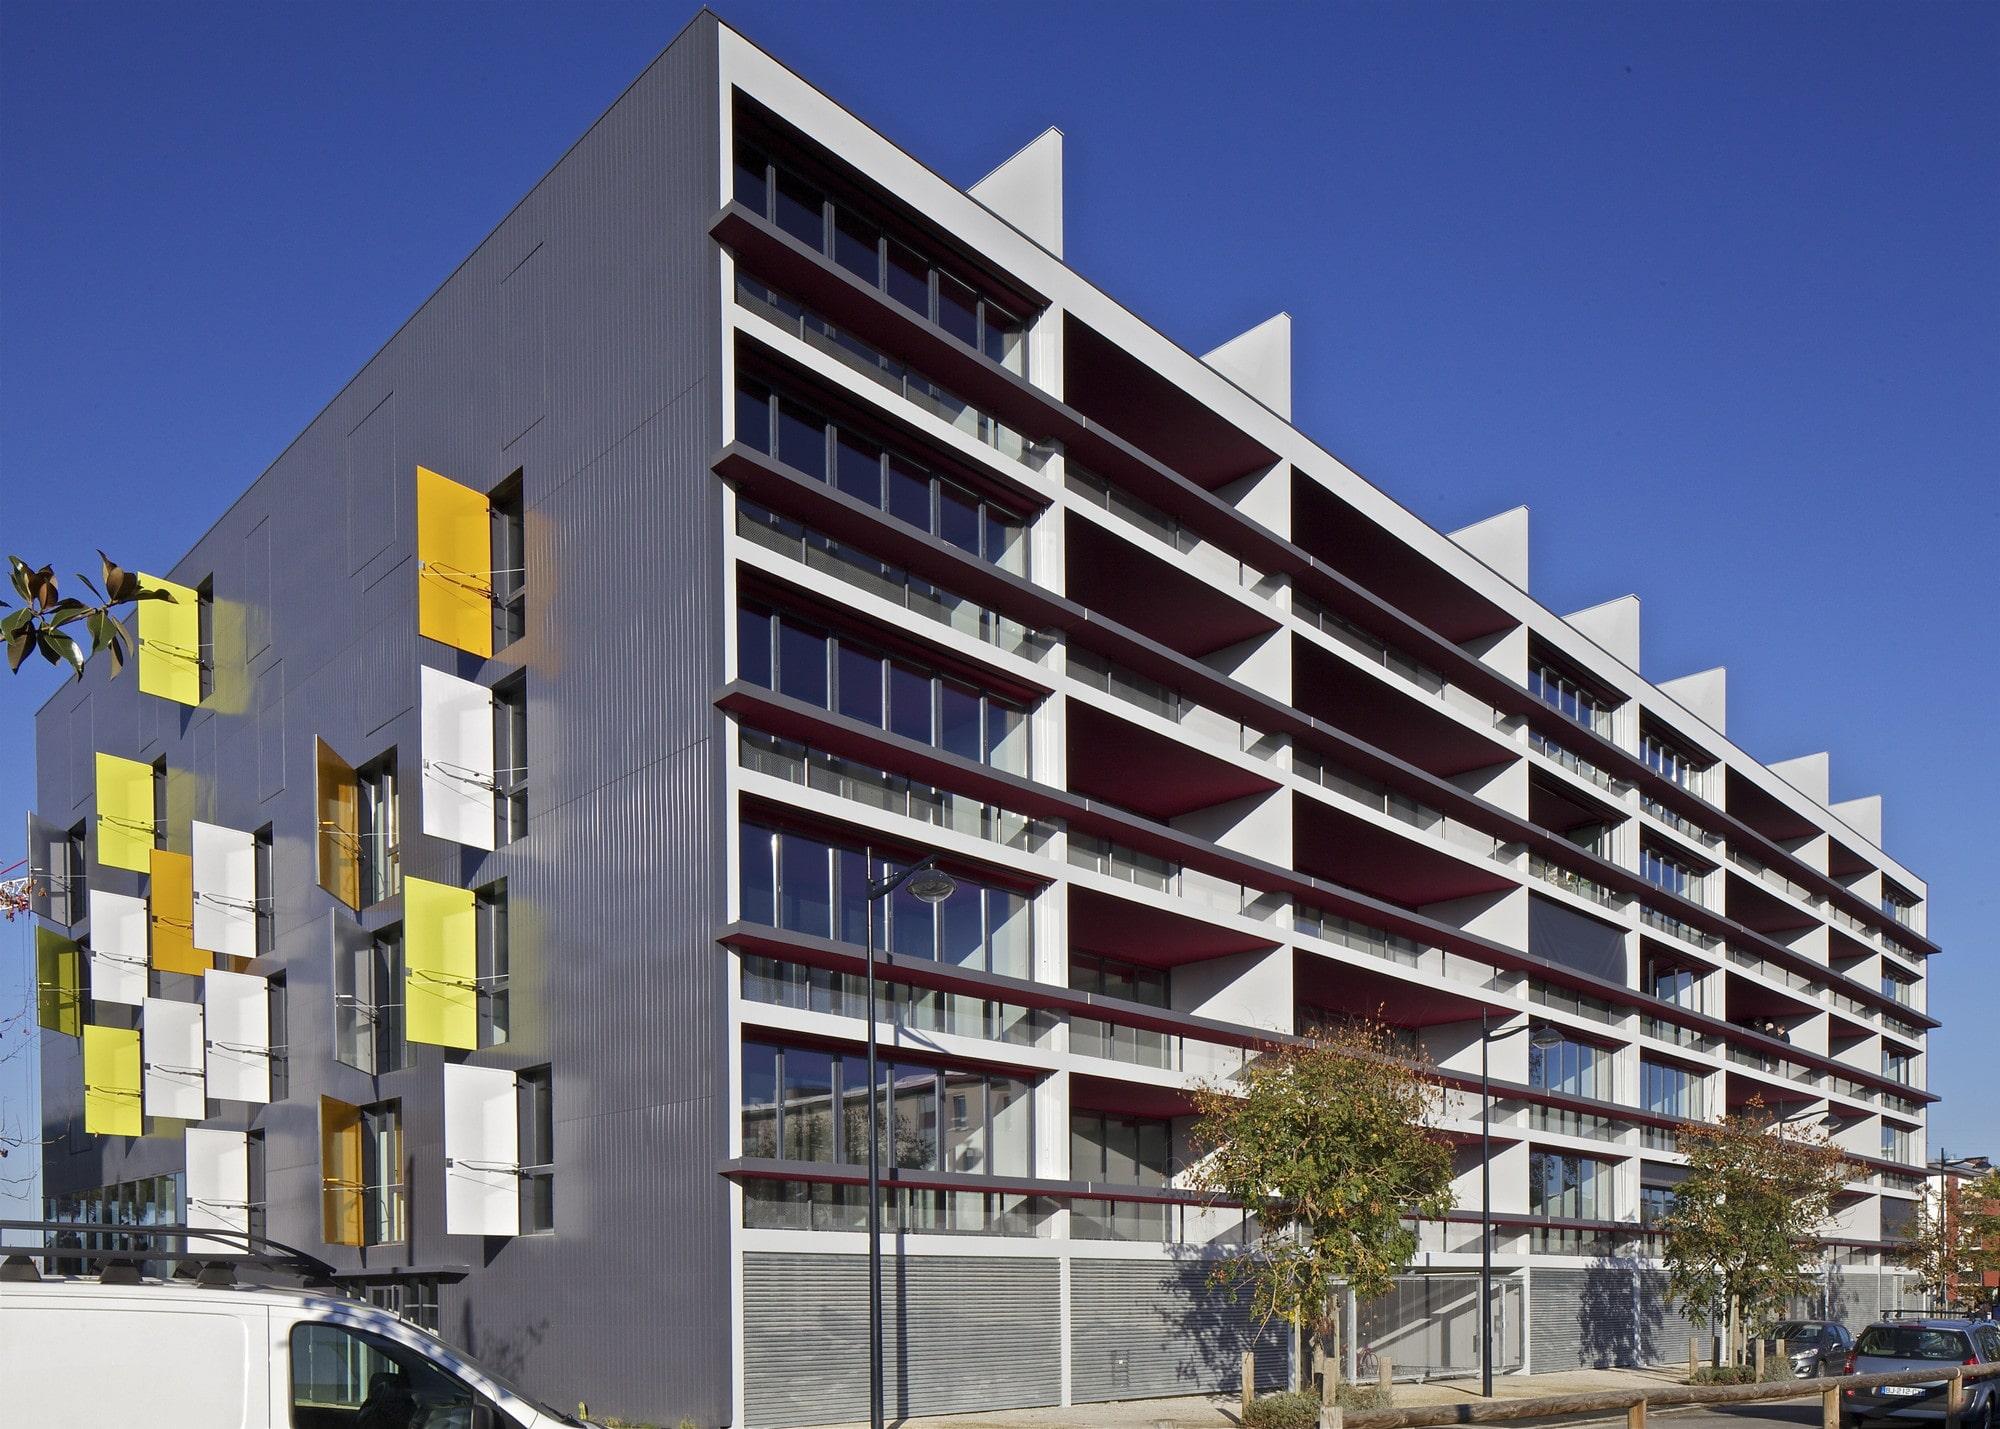 ژان نوول Bordeaux Residential Complex, France